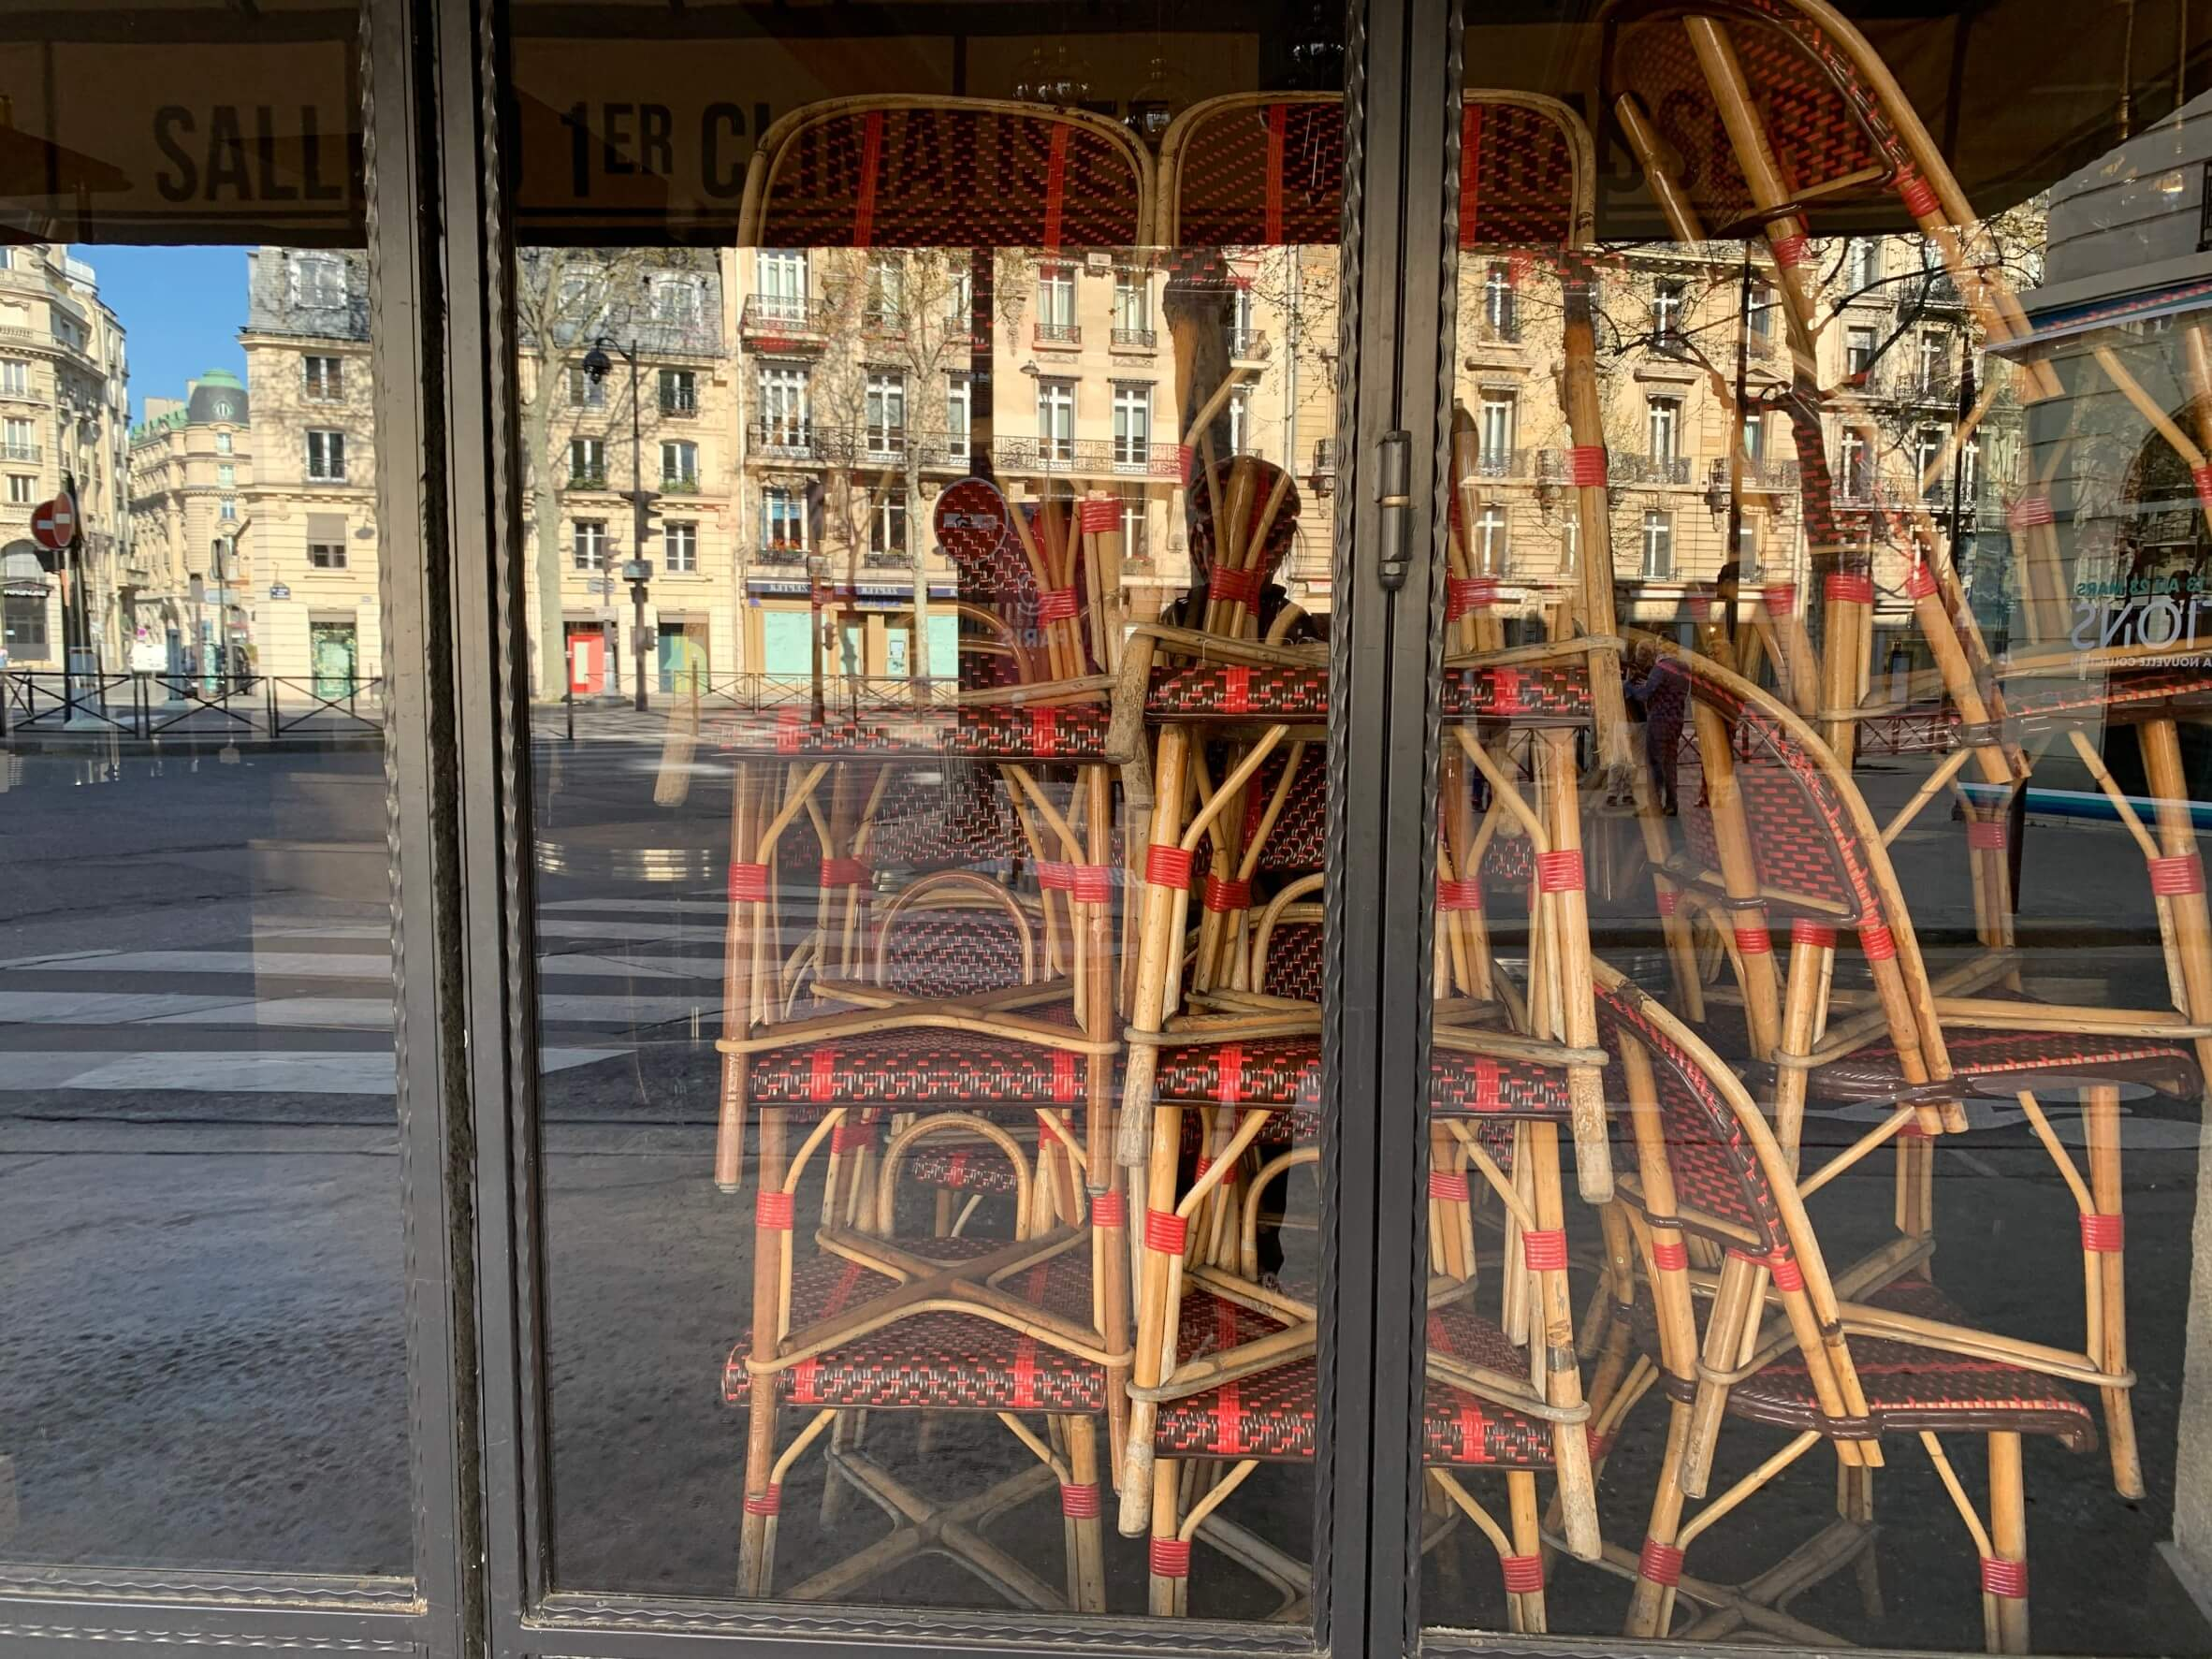 滞仏日記「案の定、パリ首都圏がロックダウンになったが、ぼくは変わらず」